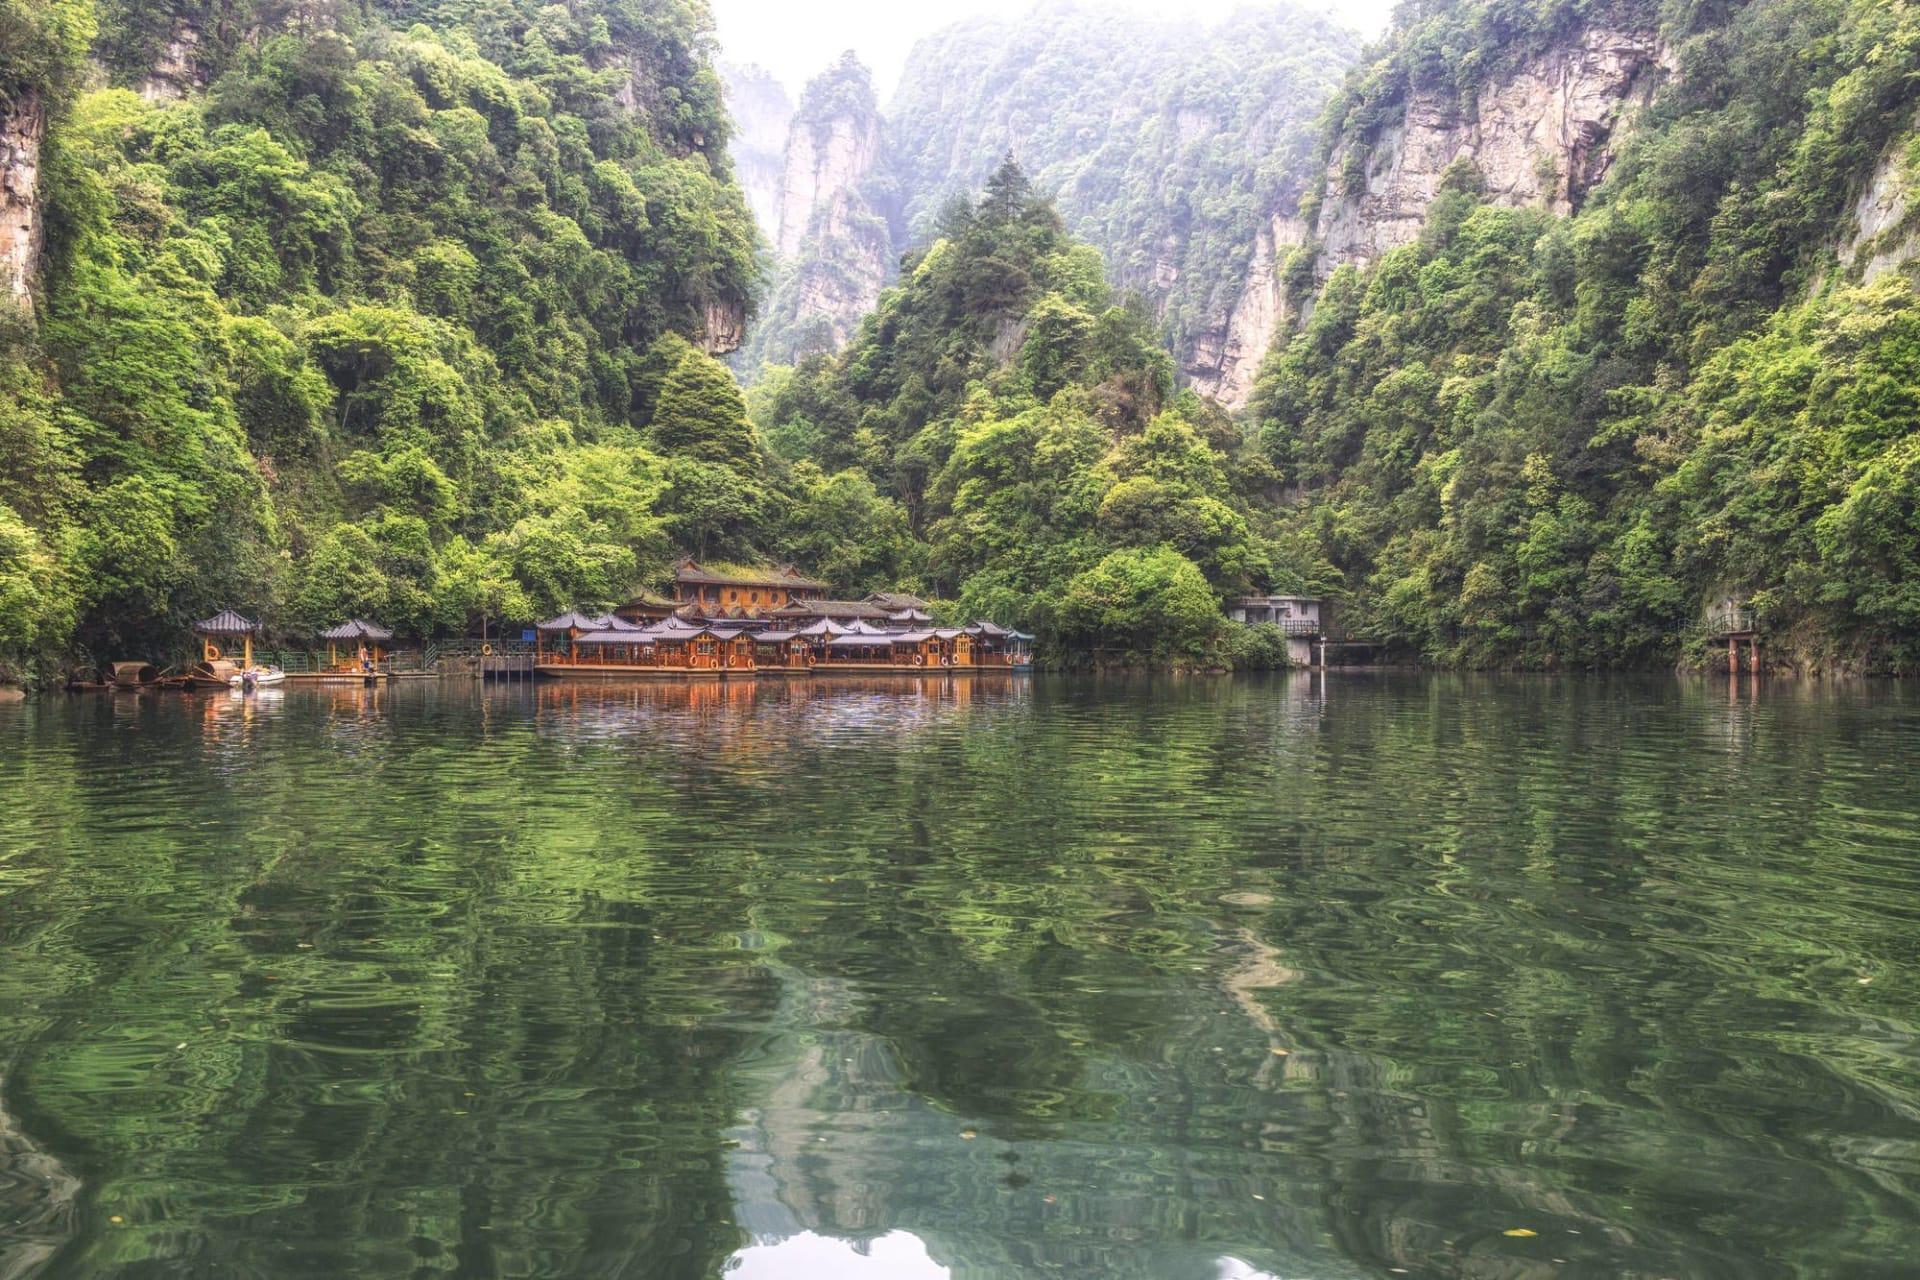 Zhangjiajie Baofeng Lake at Wulingyuan scenic area